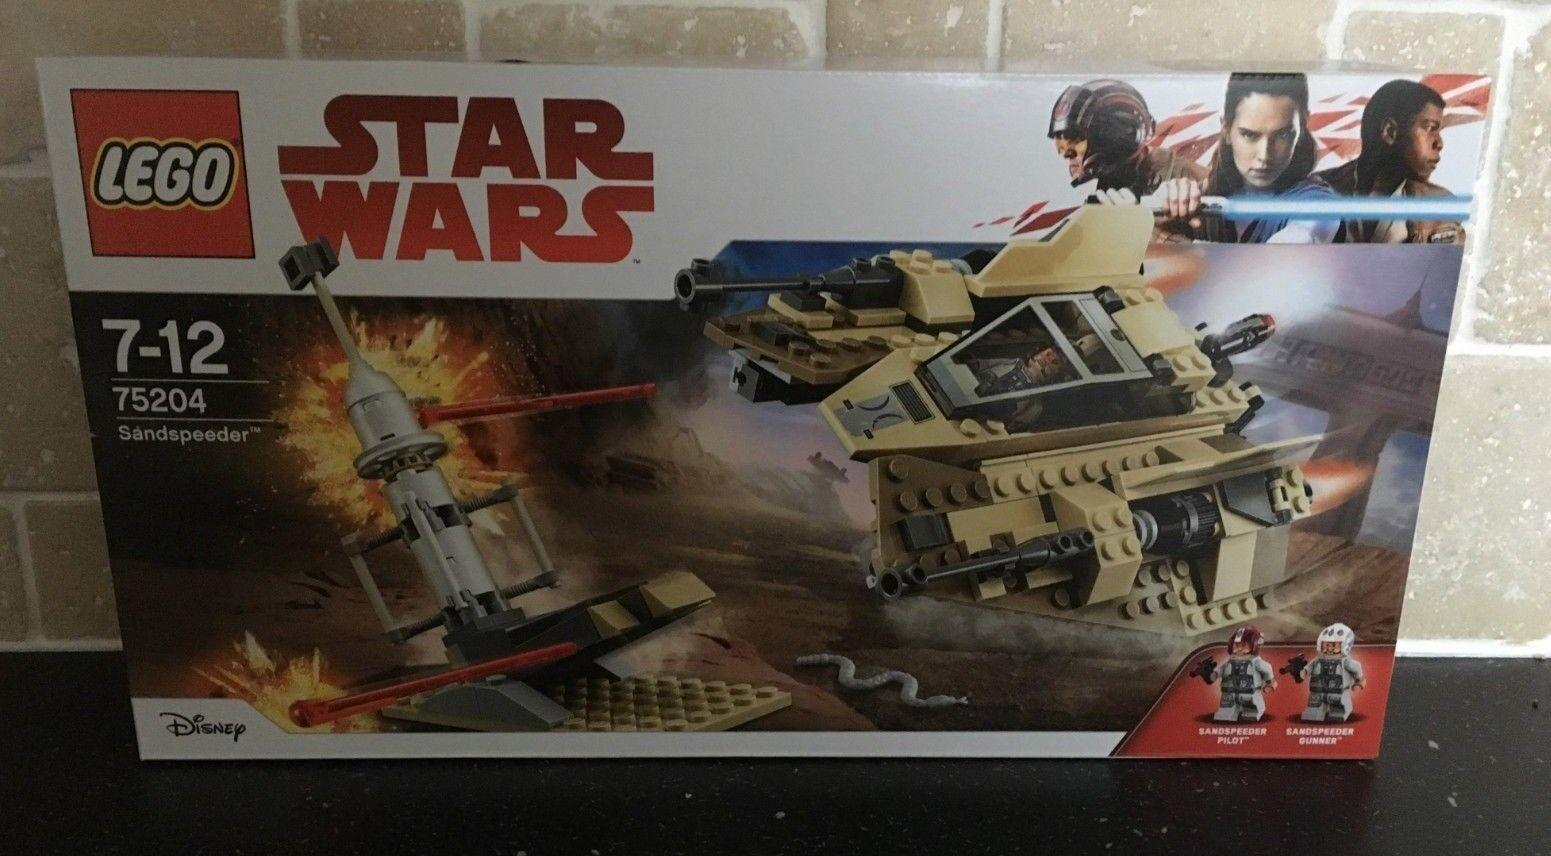 LEGO STAR WARS - 75204 Sandspeeder Brand New In Sealed Box